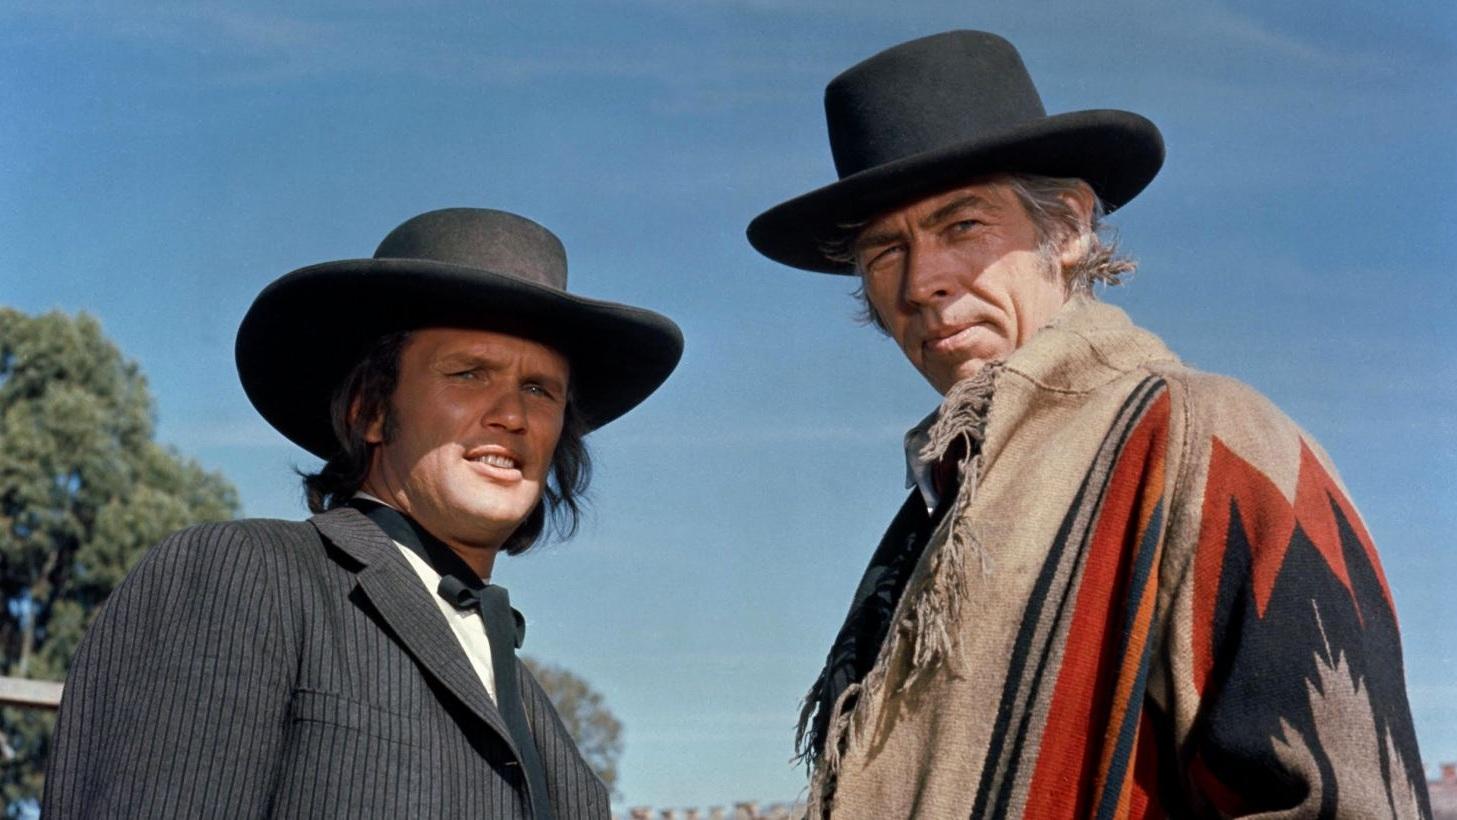 #30) Pat Garrett & Billy the Kid - (1973 - dir. Sam Peckinpah)